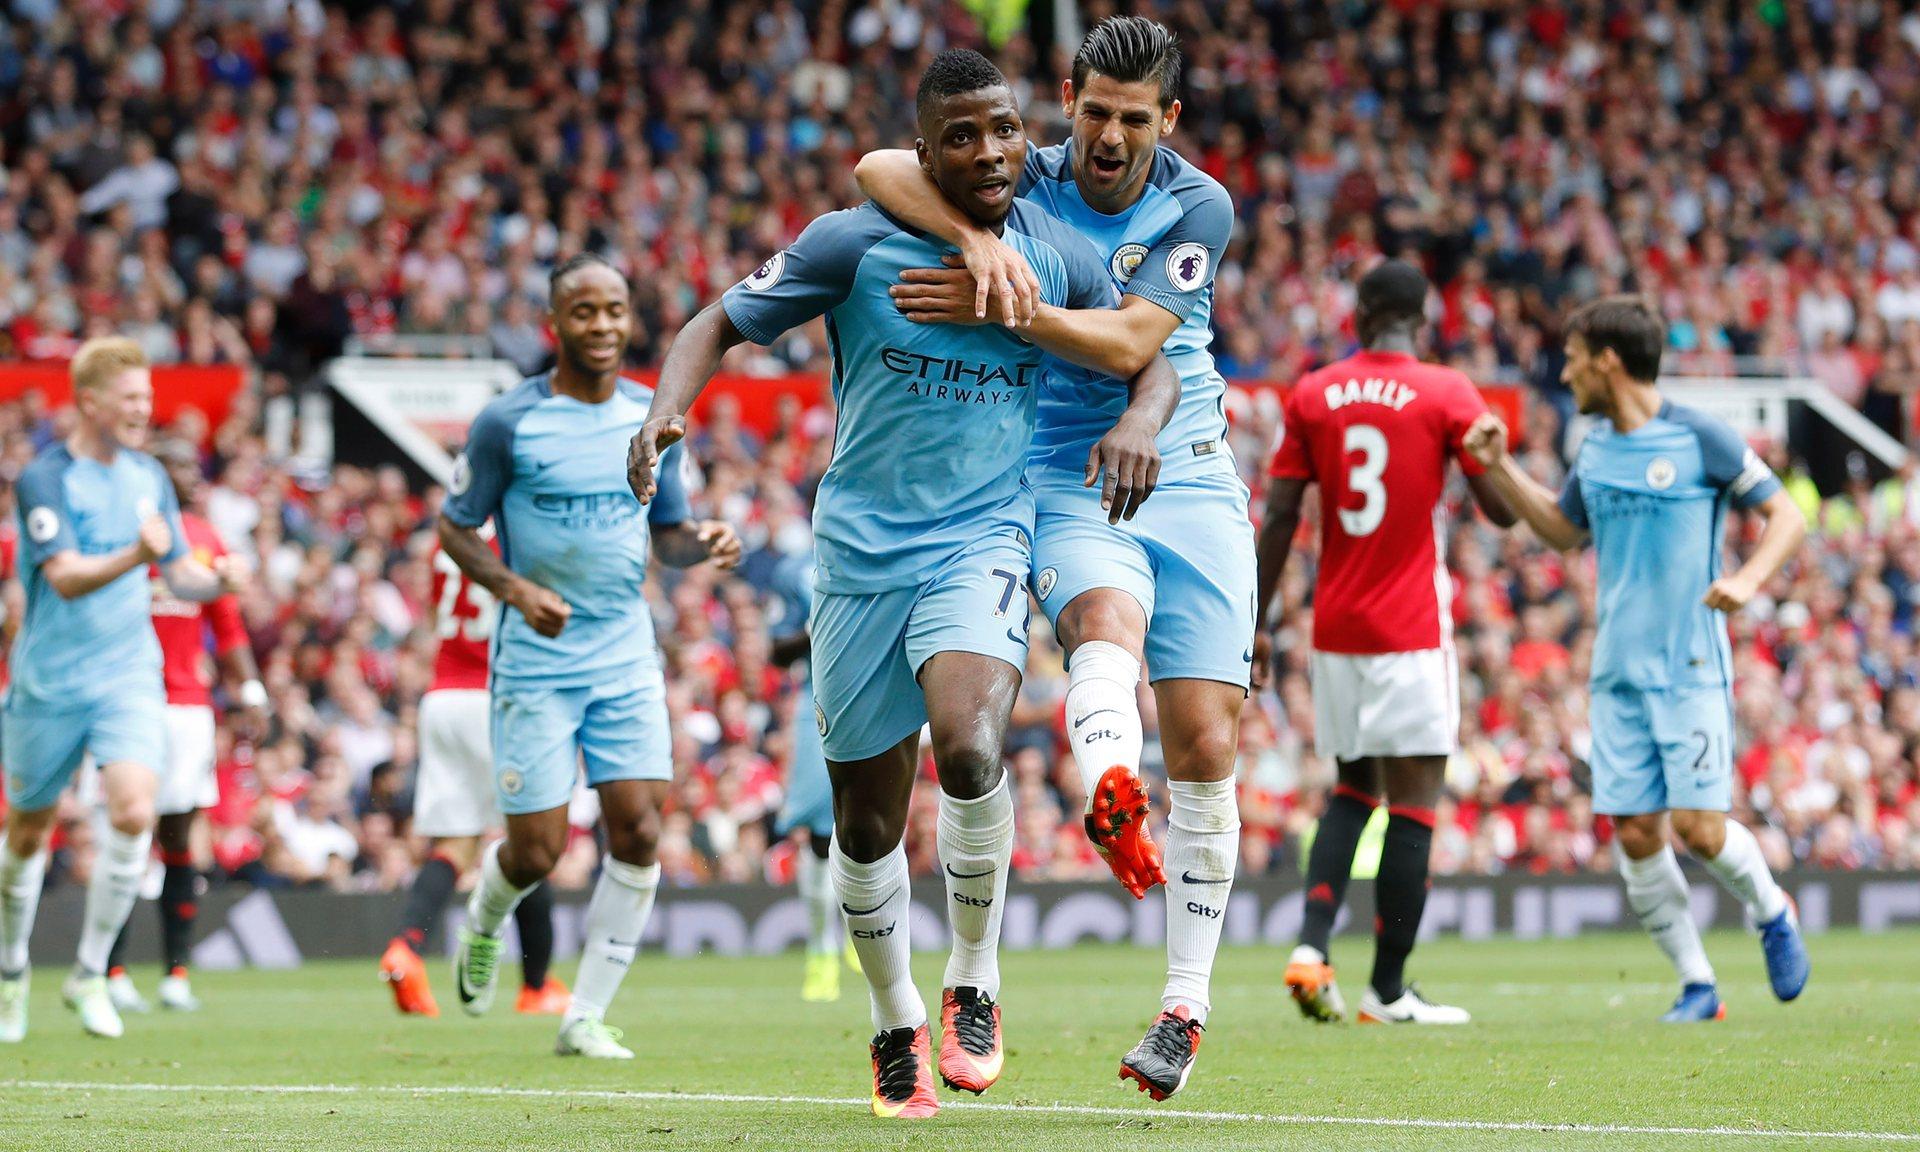 Vince Guardiola, ma che partita: il City passa 2-1 a Old Trafford